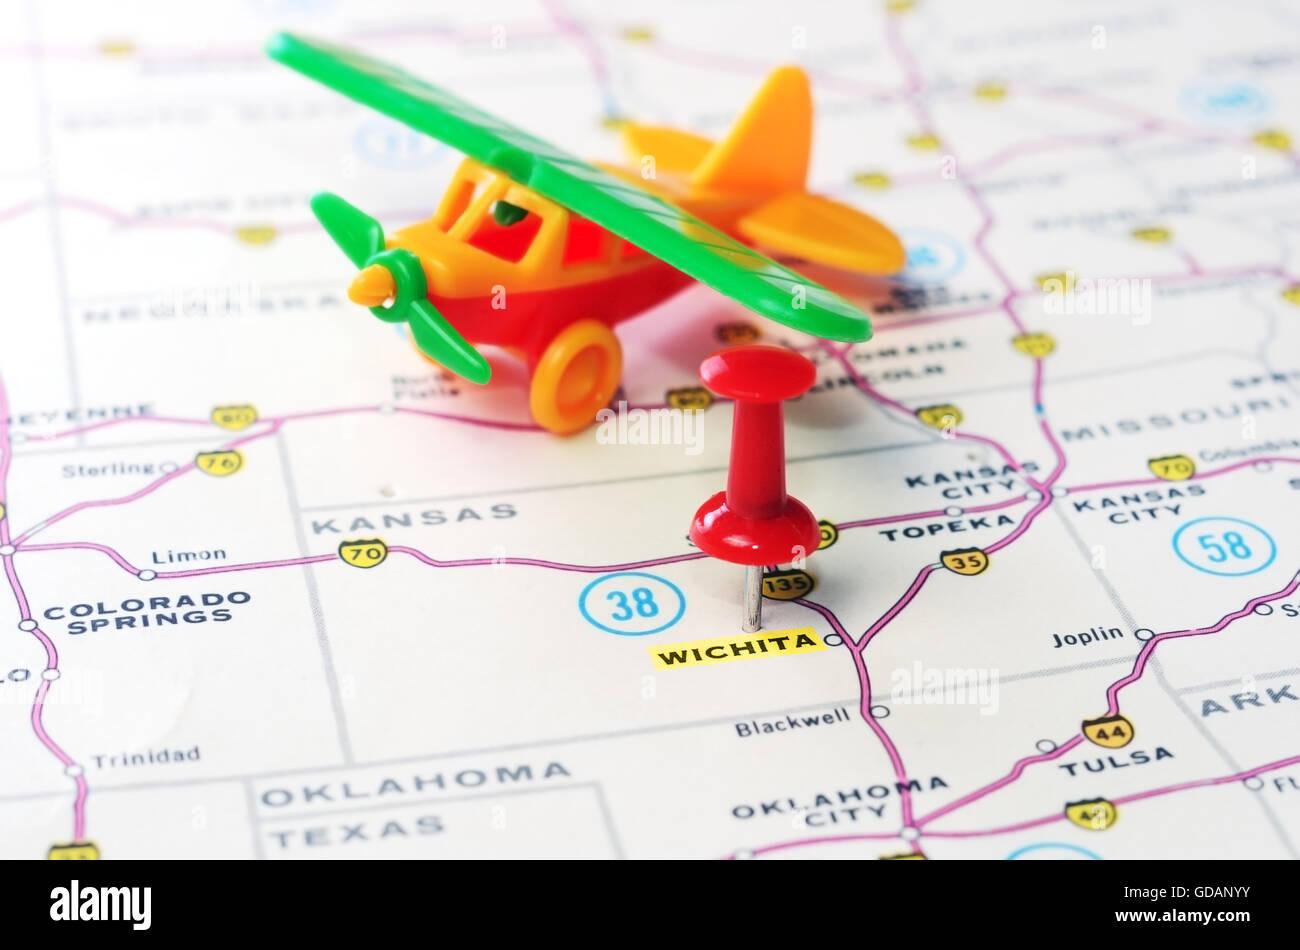 Close Up Of Wichita Kansas Usa Map With Red Pin And Airplane Toy Wichita Usa